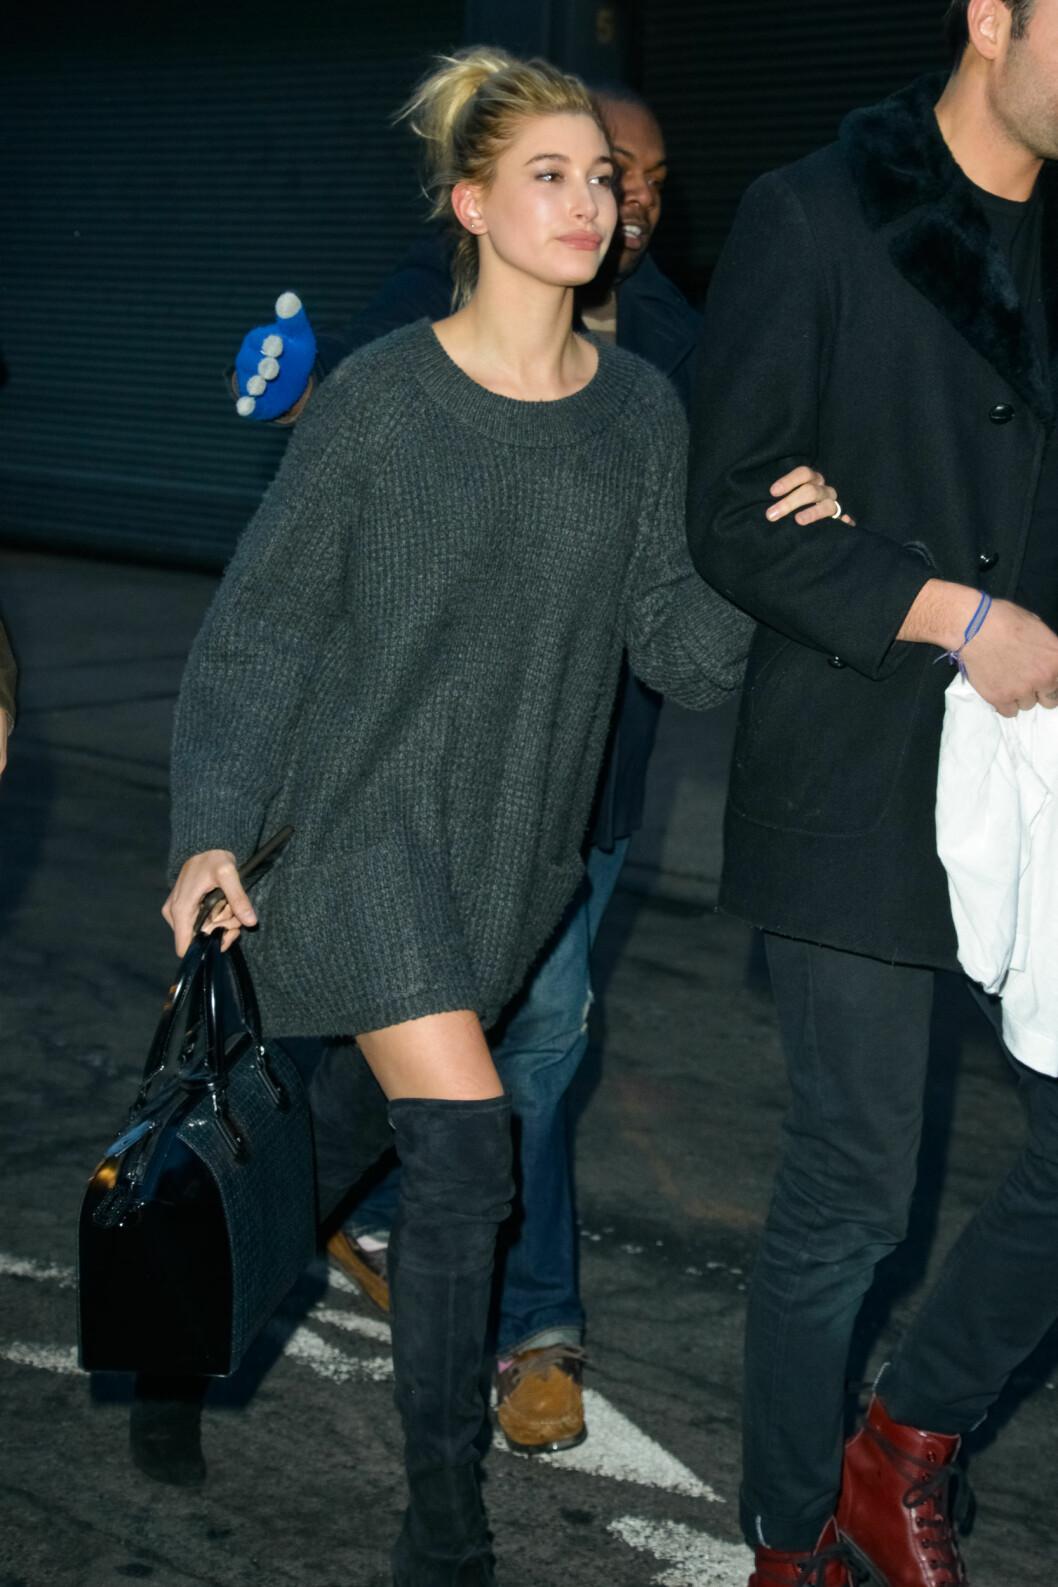 UNG SKJØNNHET: Alec Baldwins datter, modell Hailey Baldwin, er blitt koblet til Justin Bieber og er venninne av Kims halvsøster Kendall Jenner. Hun stilte også opp på visningen. Foto: MediaPunch/REX/All Over Press